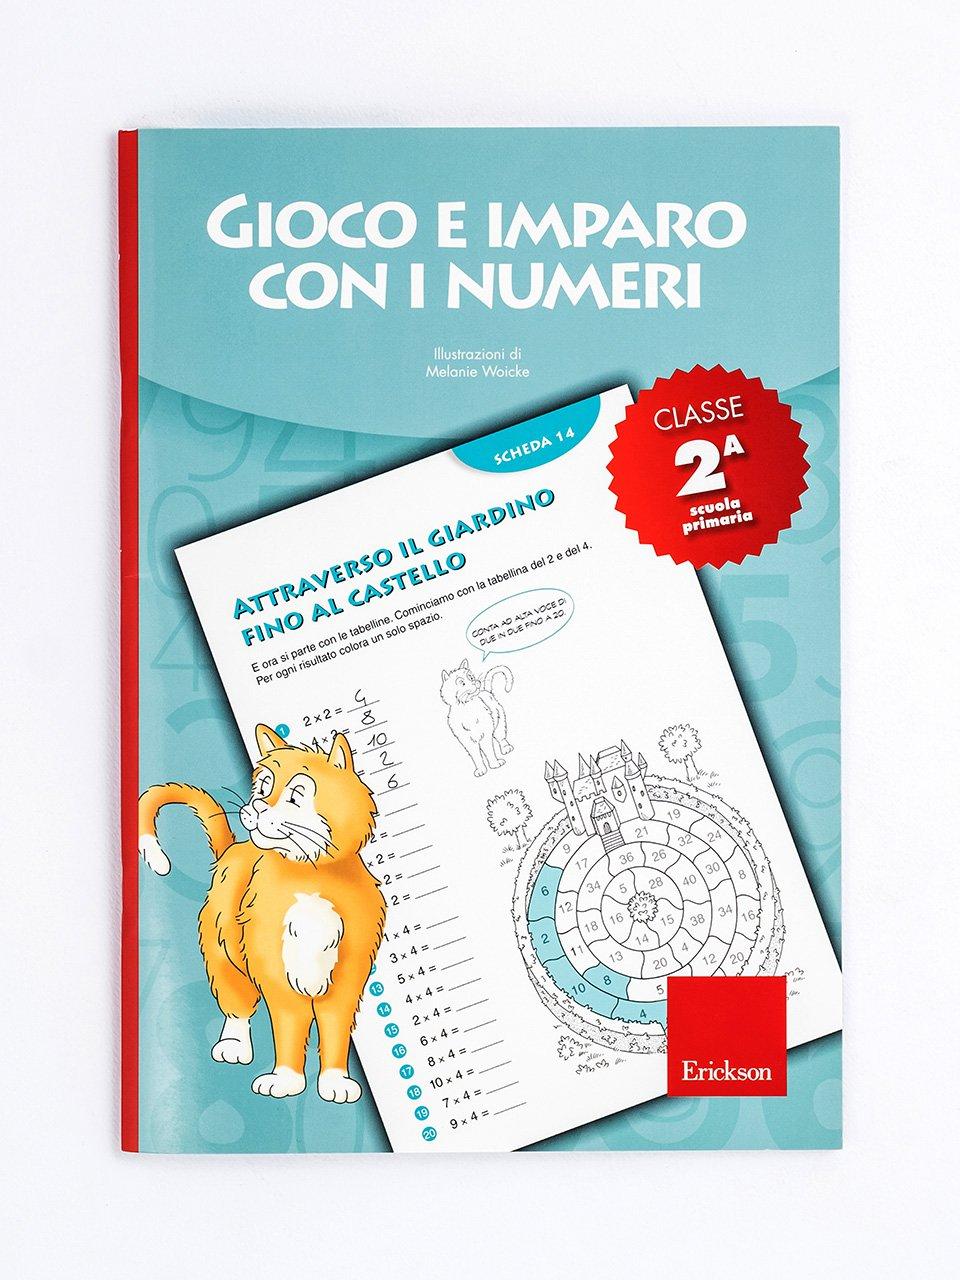 Gioco e imparo con i numeri - CLASSE SECONDA - Le proposte Erickson per i compiti-delle-vacanze - Erickson